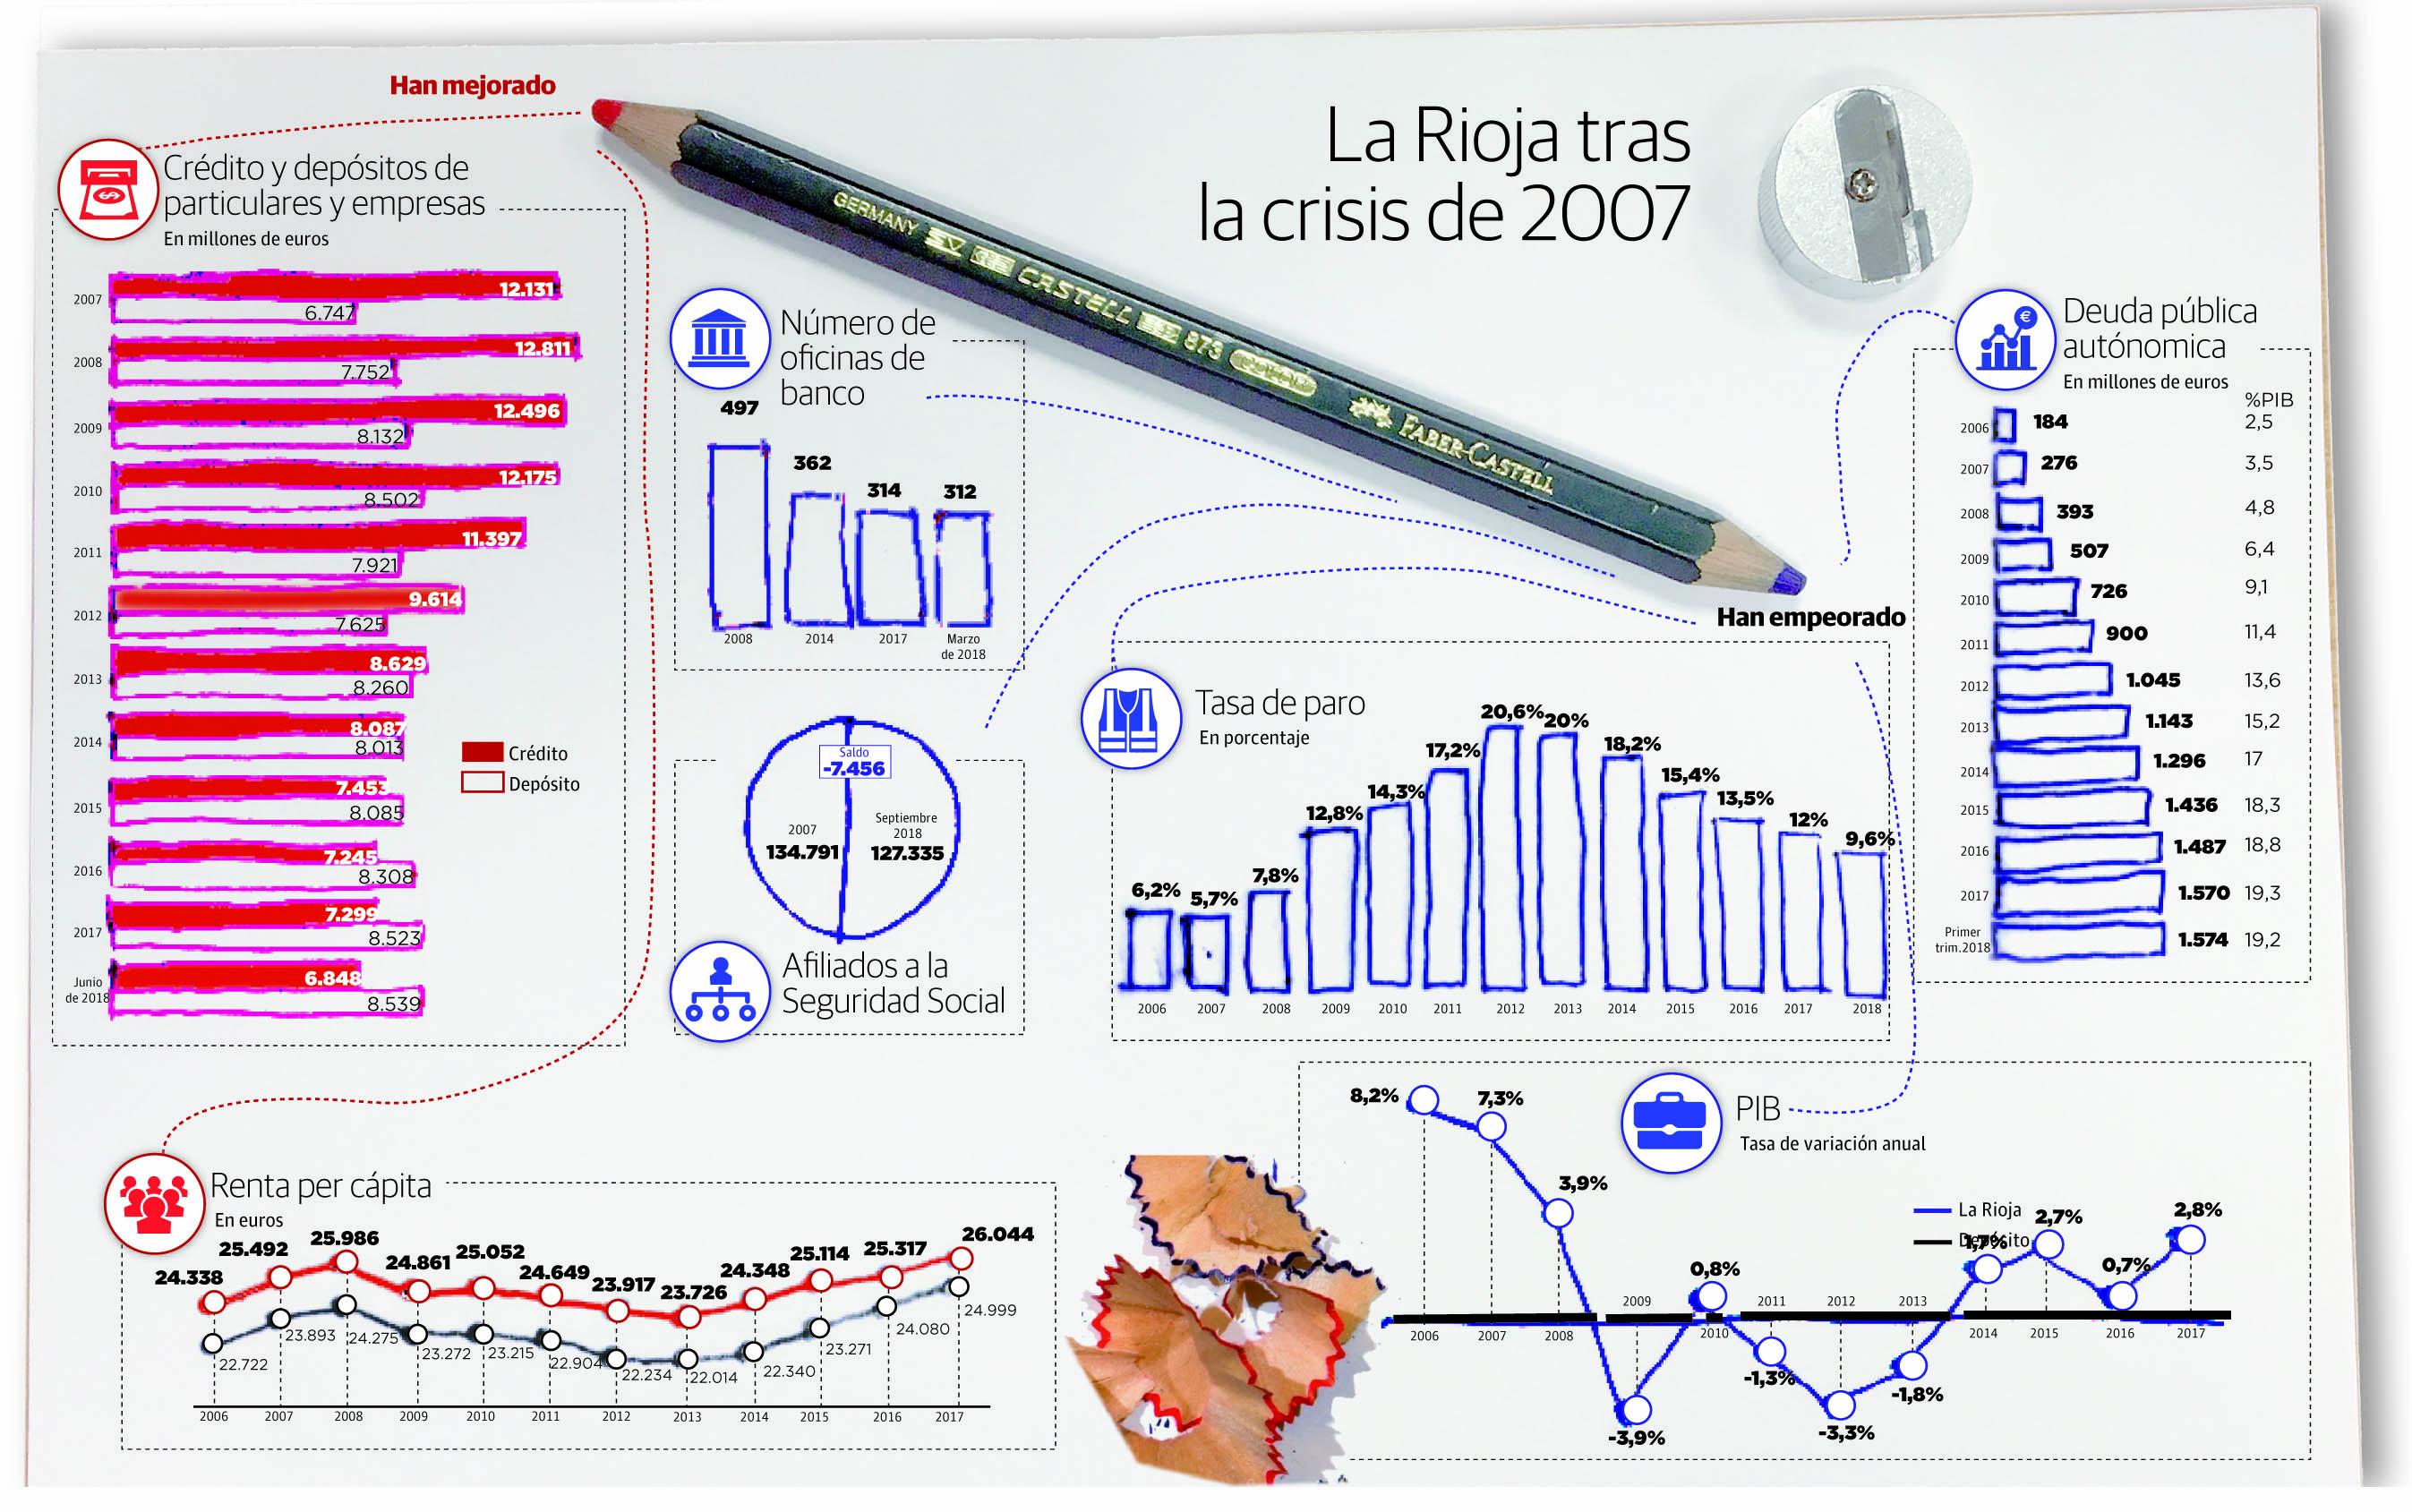 Lo que queda de la crisis: el paro, los salarios y la capacidad de compra en La Rioja continúan resentidos